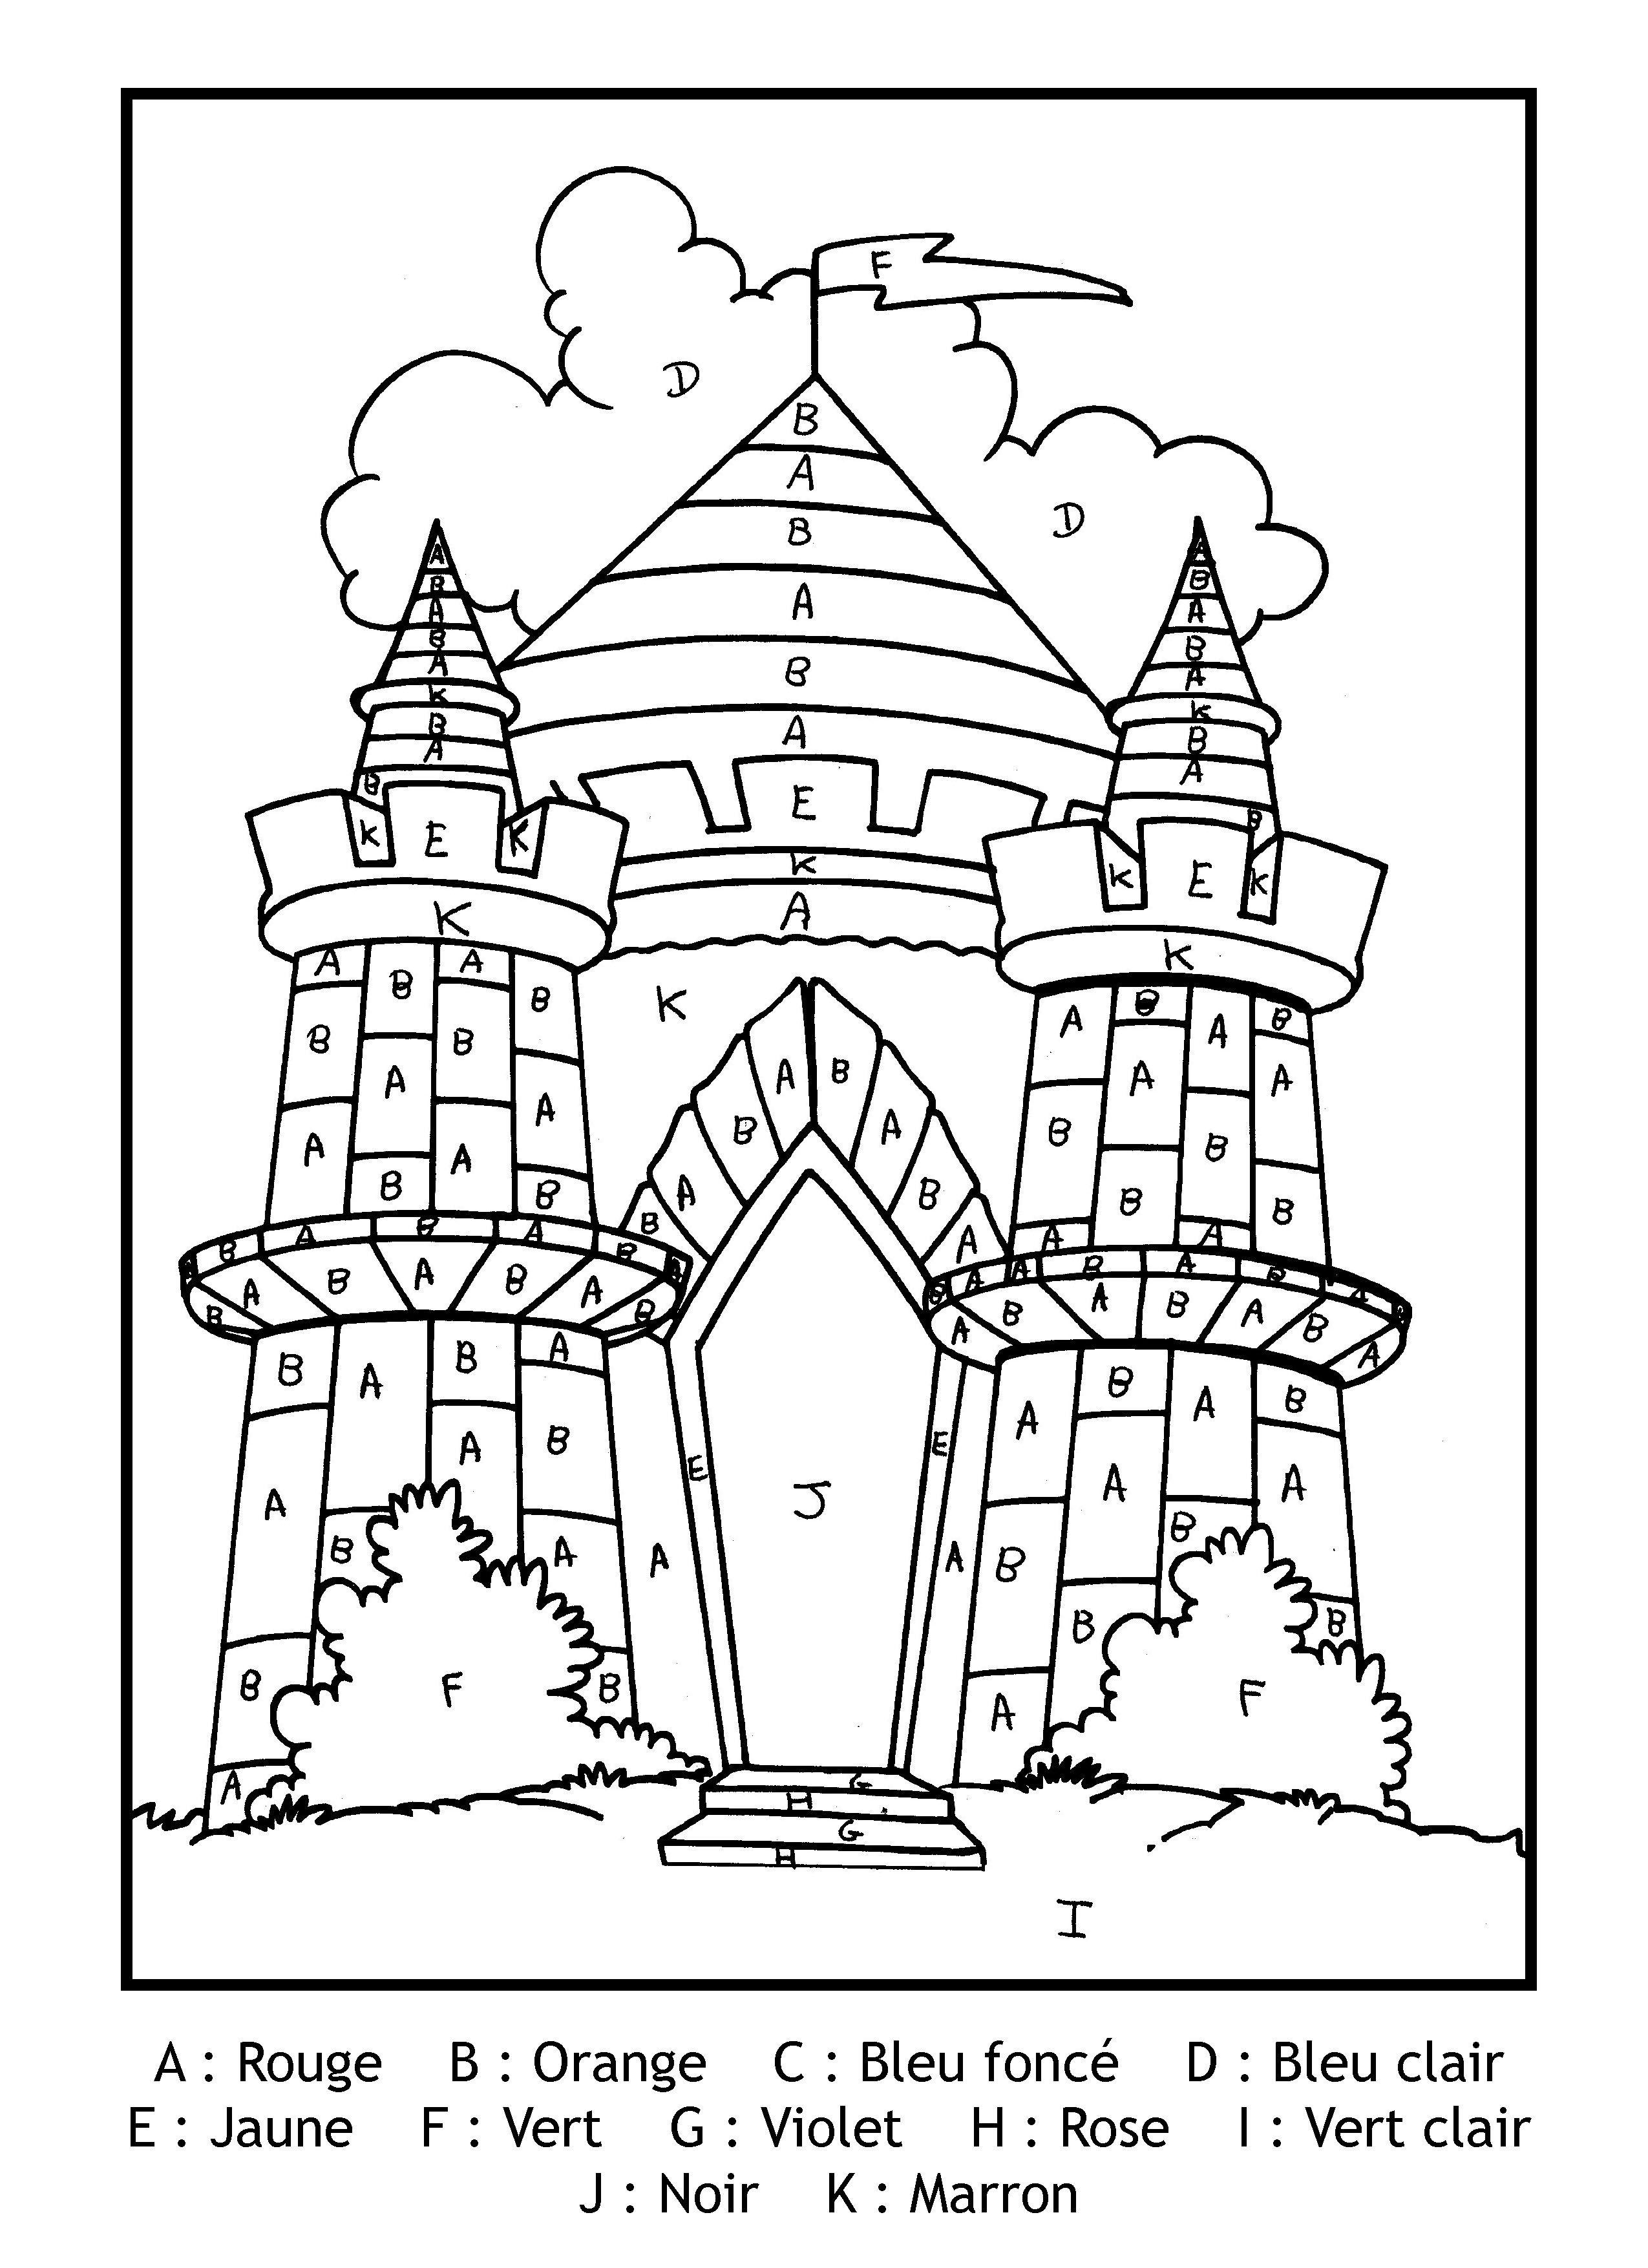 Coloriage Chevalier Gs.Pour Imprimer Ce Coloriage Gratuit Coloriage Magique Lettres